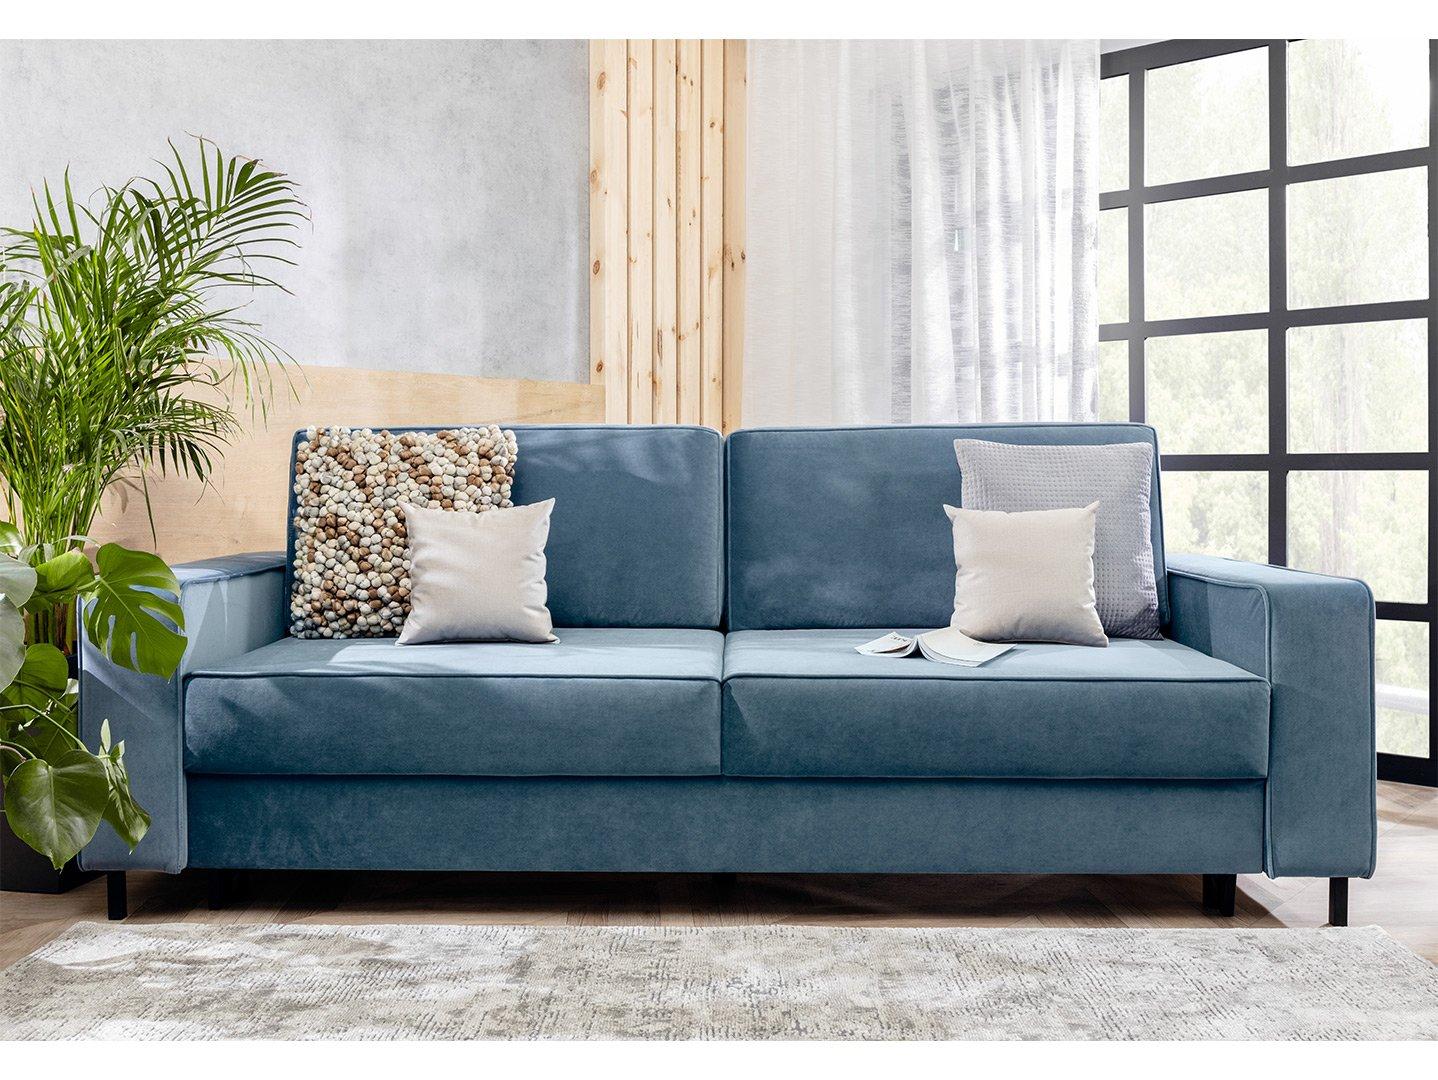 Śpisz z psem w łóżku lub na sofie? Zainwestuj w odpowiednie meble wypoczynkowe!